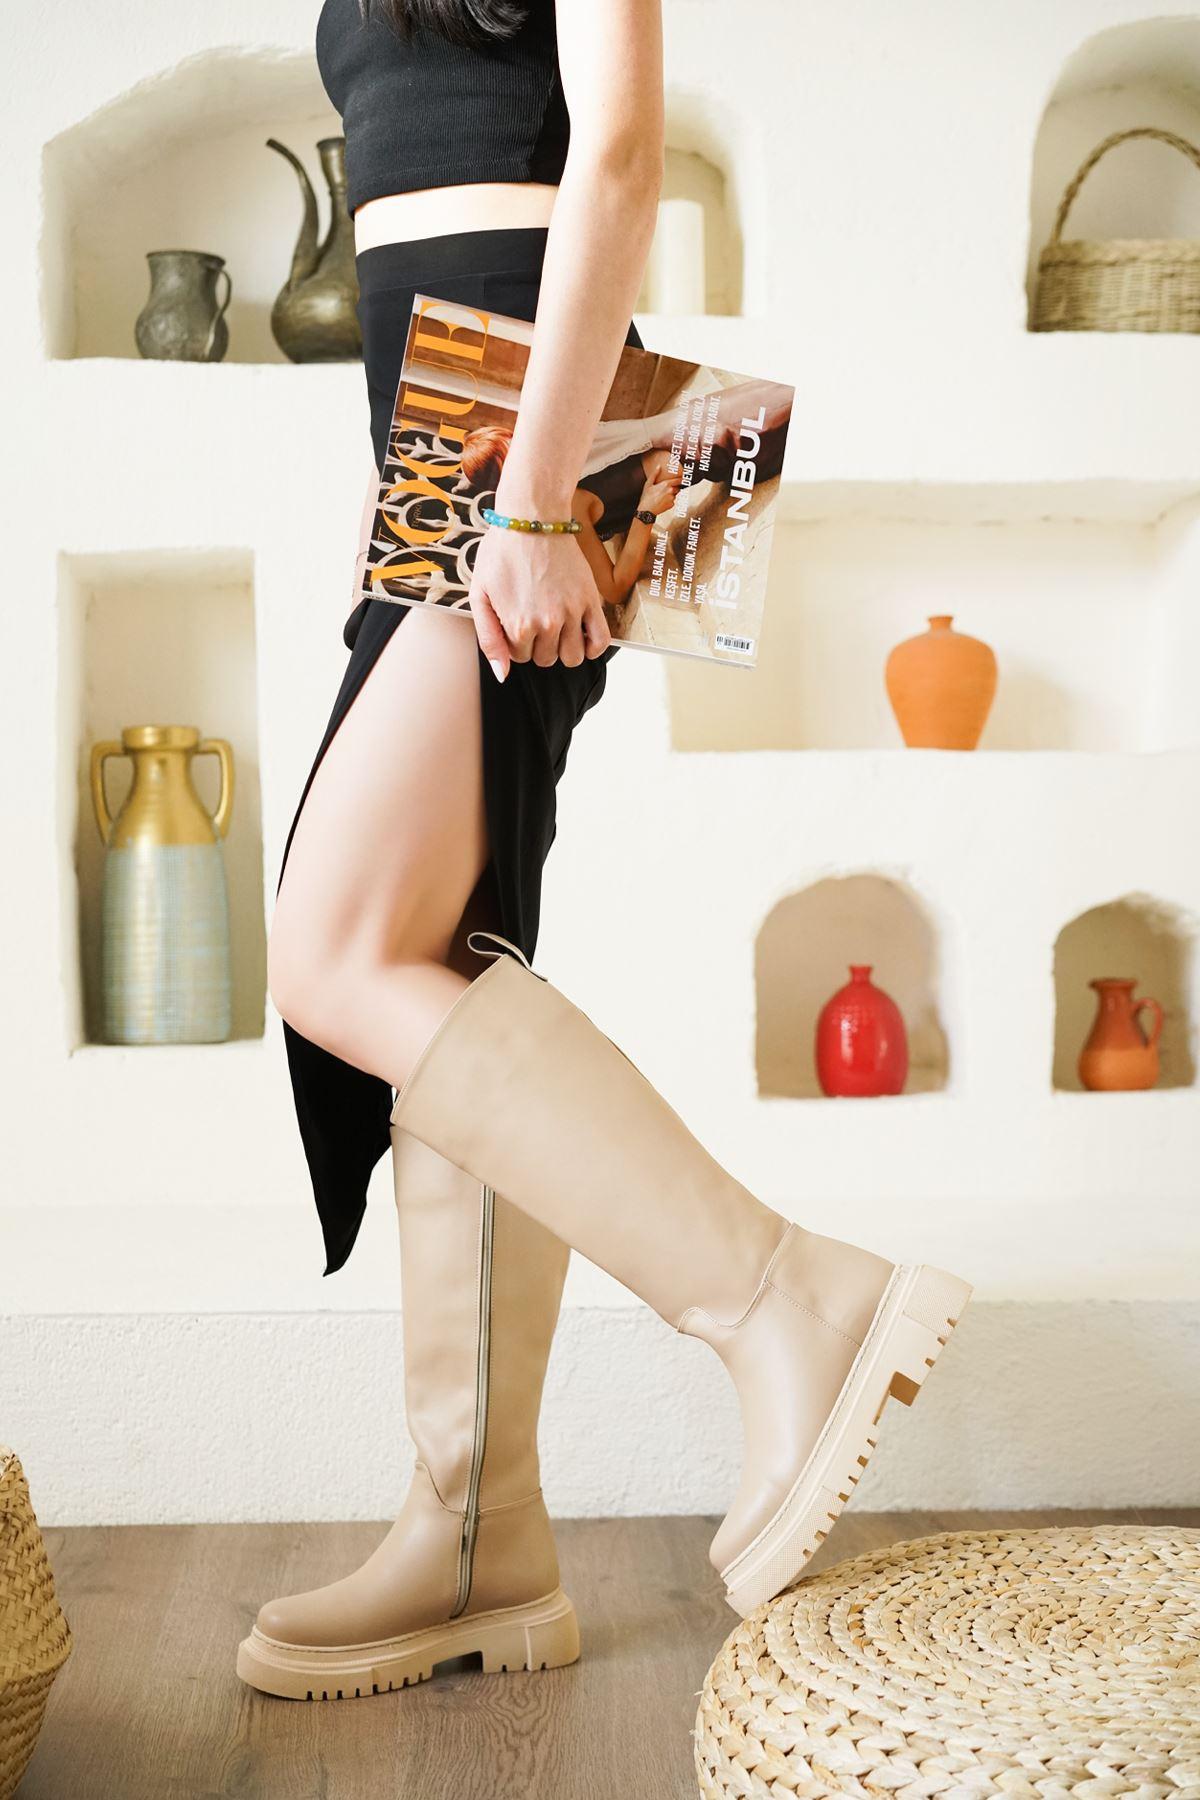 Kadın Kimber Kalın Taban Diz Altı Mat Deri Nude Çekme Çizme